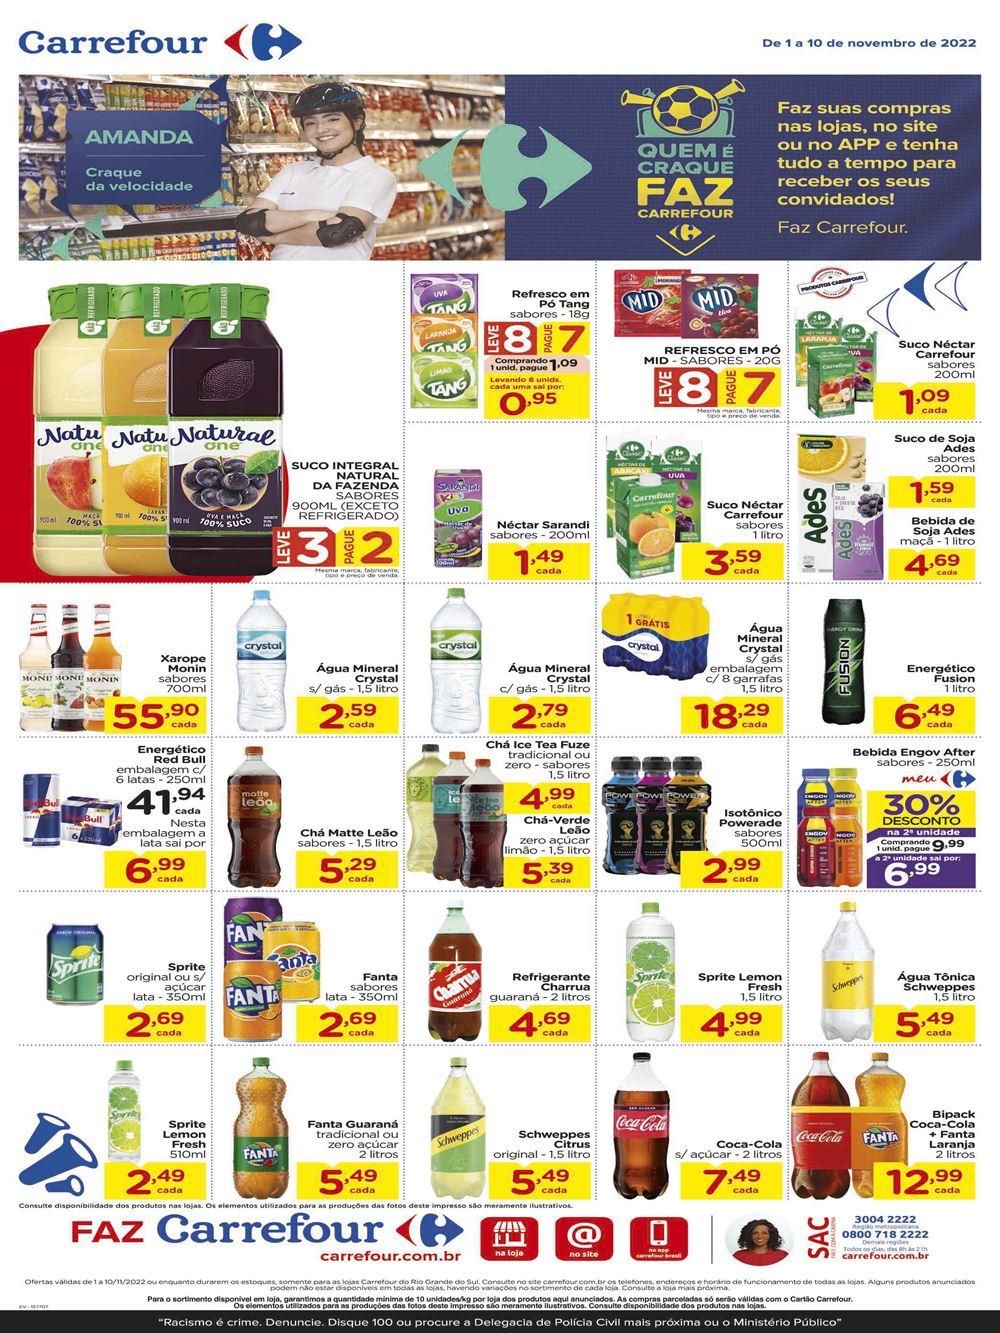 carrefour-ofertas-descontos-hoje9-24 Black Friday Ofertas do Carrefour